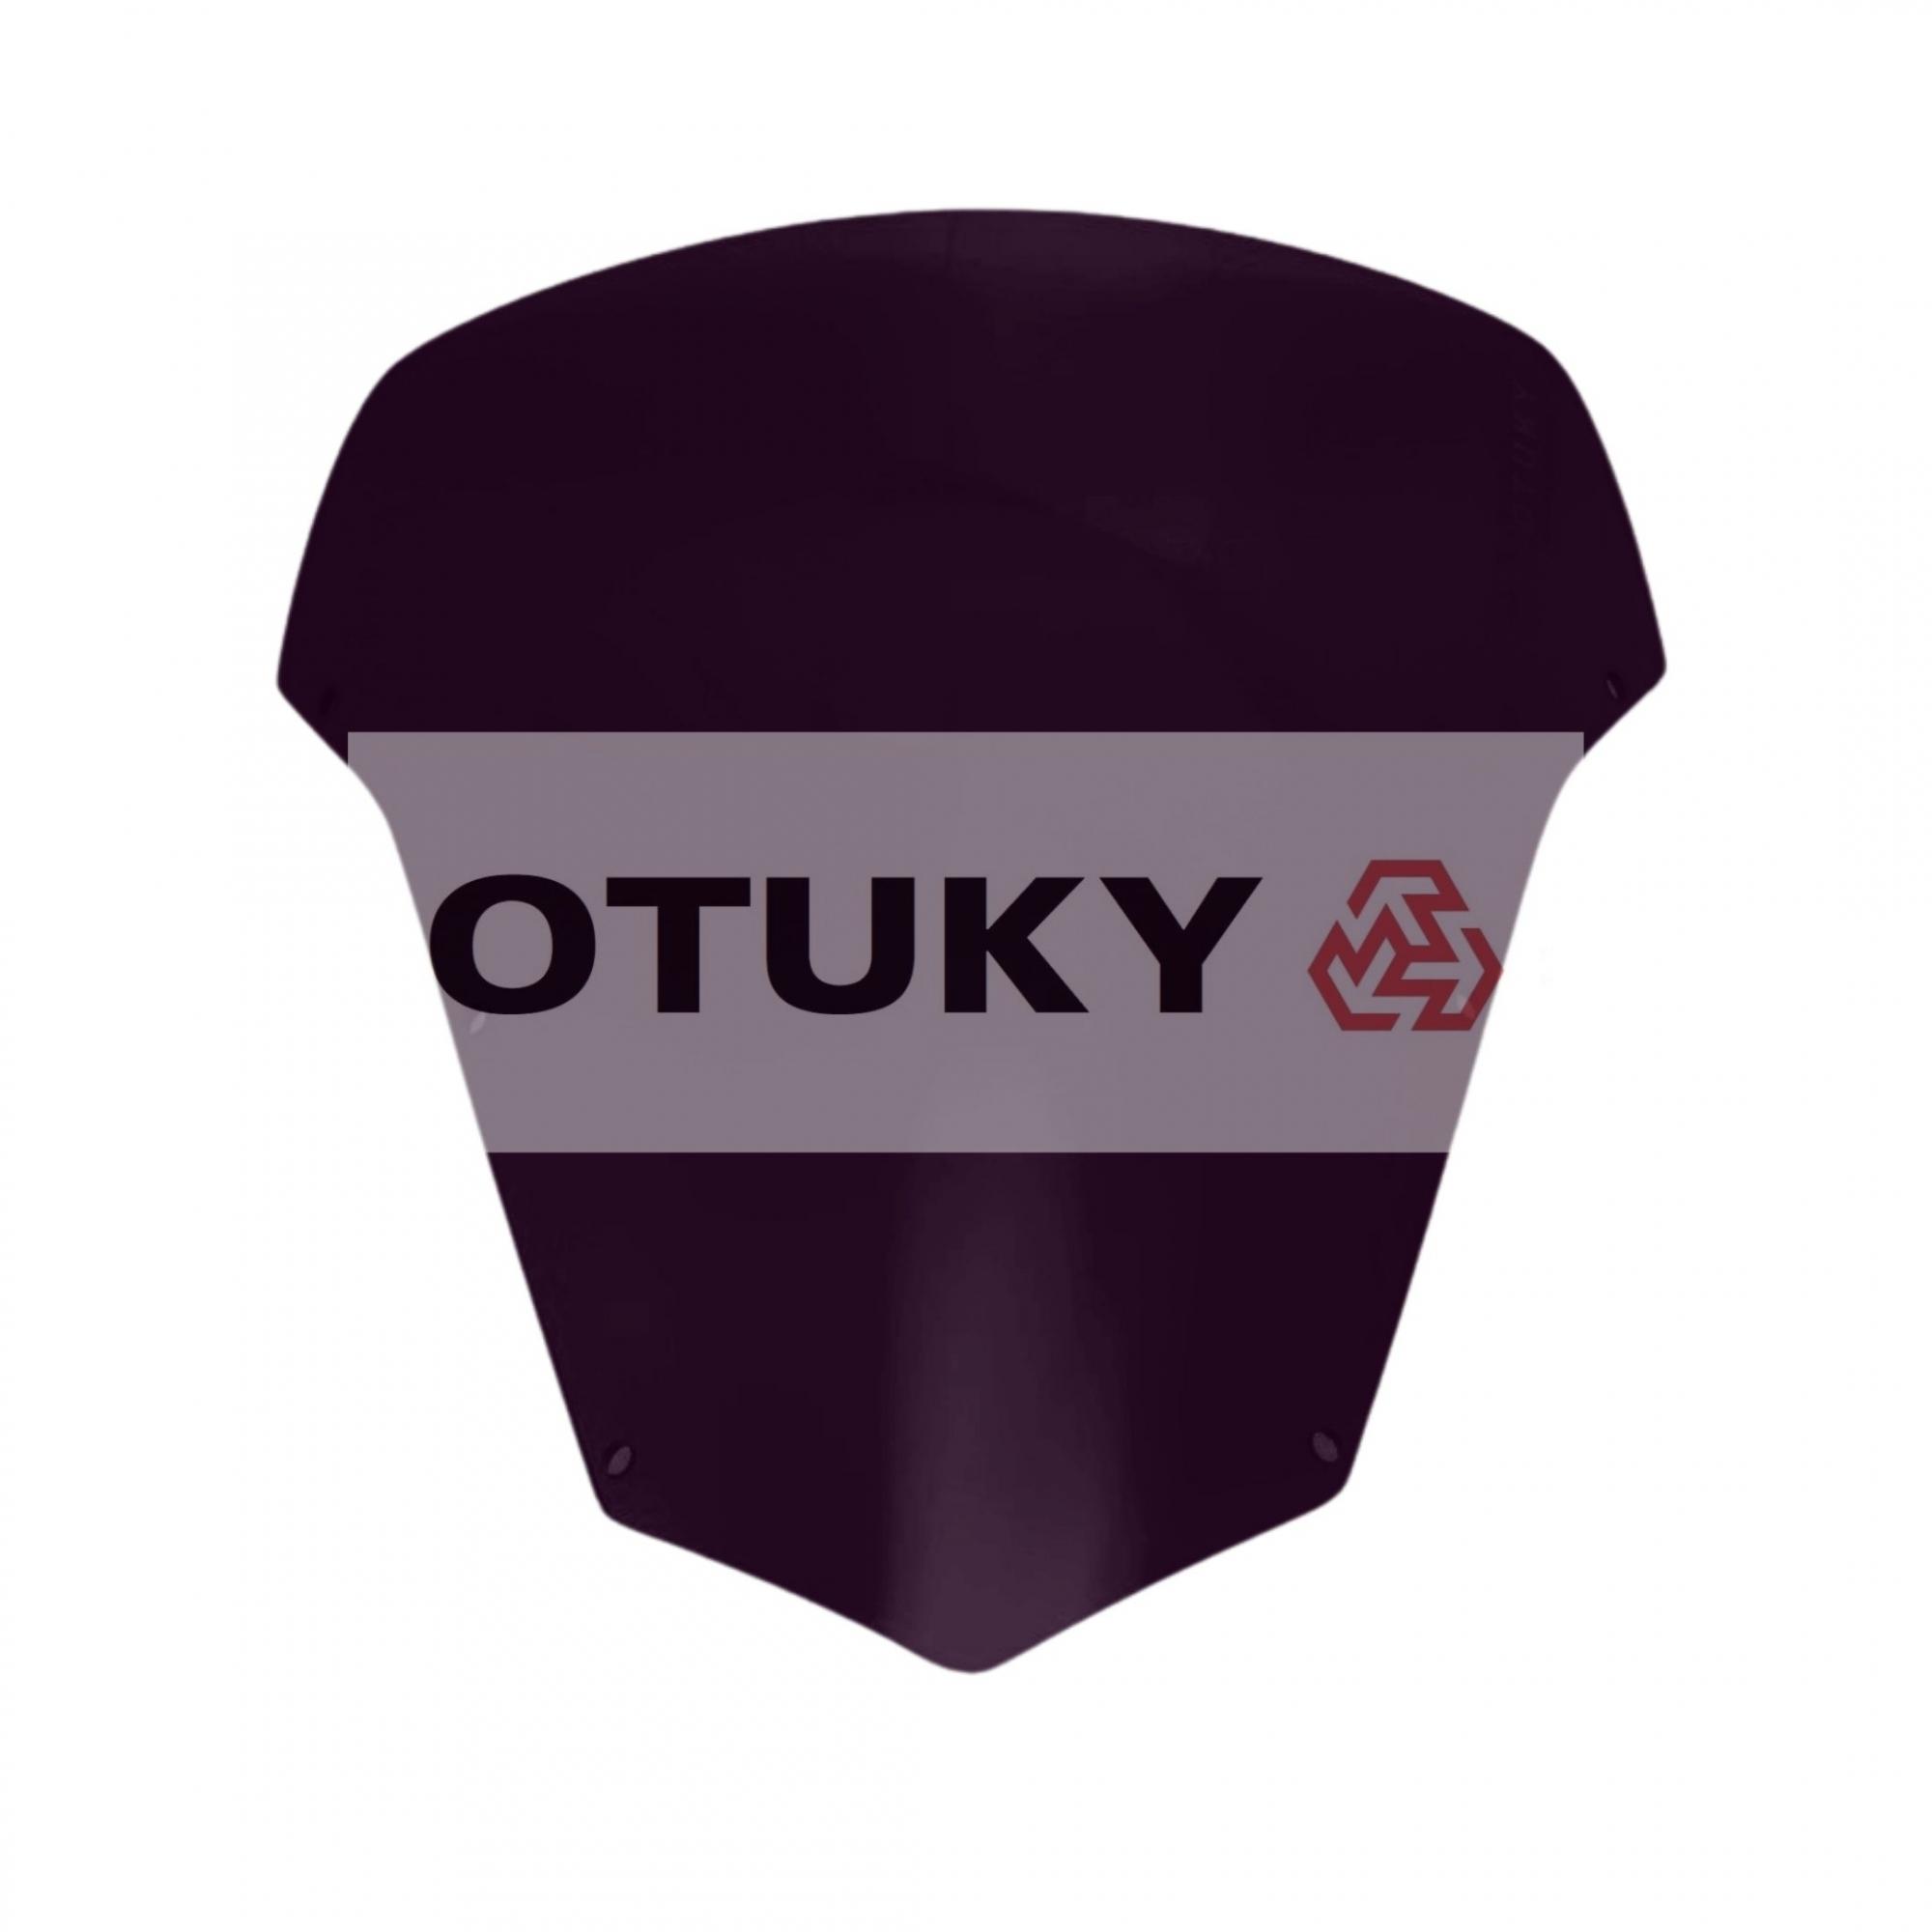 Bolha para Moto Fazer 600 FZ 6 S 2007 2008 2009 2010 Otuky